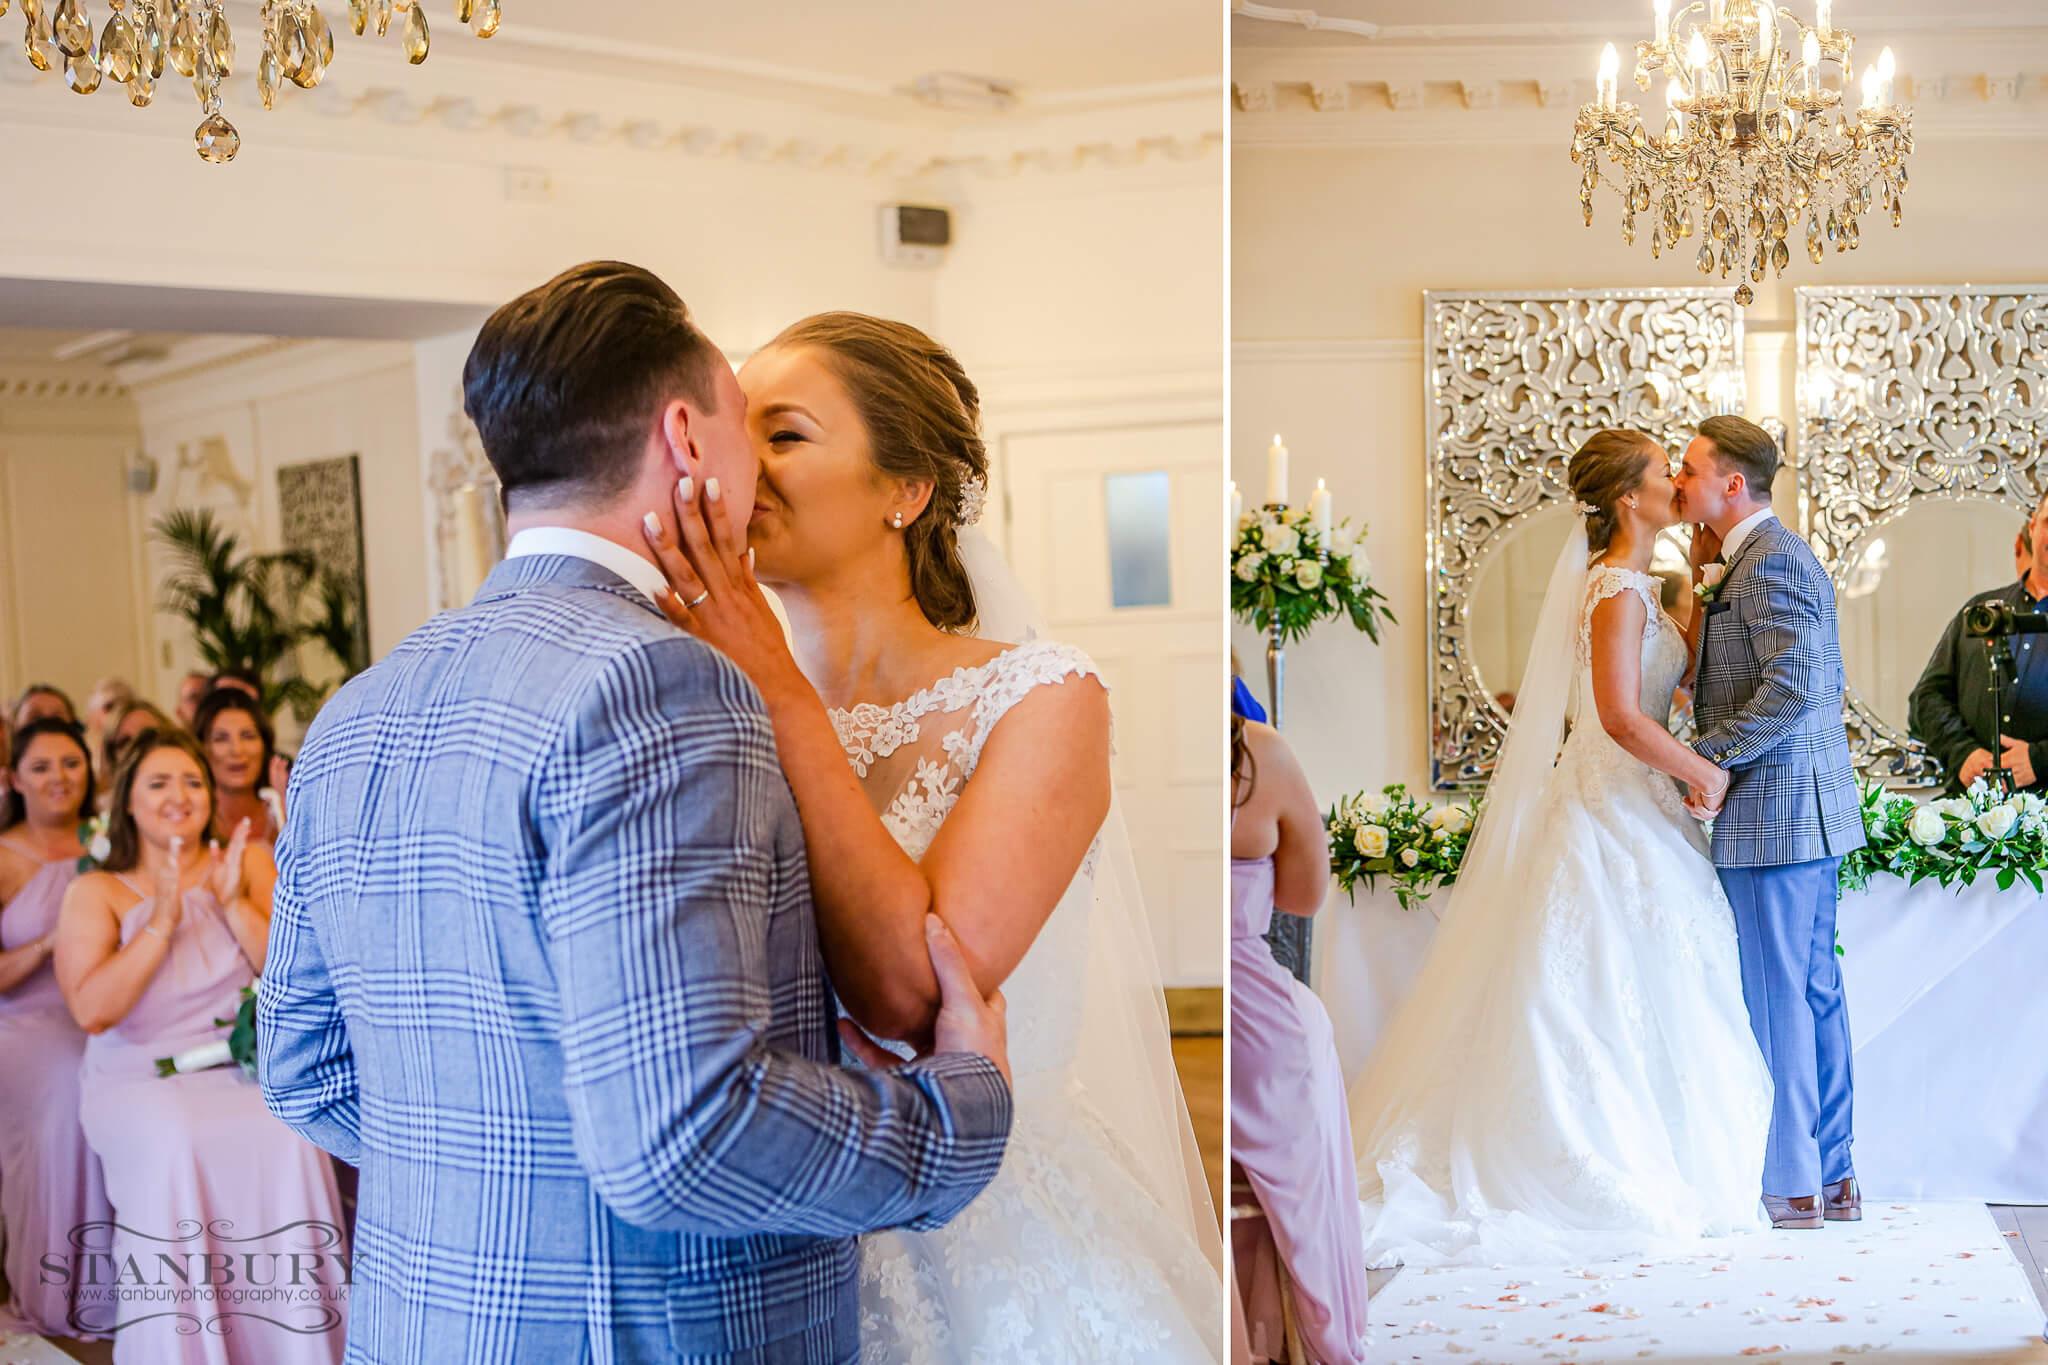 eaves-hall-wedding-photography-011